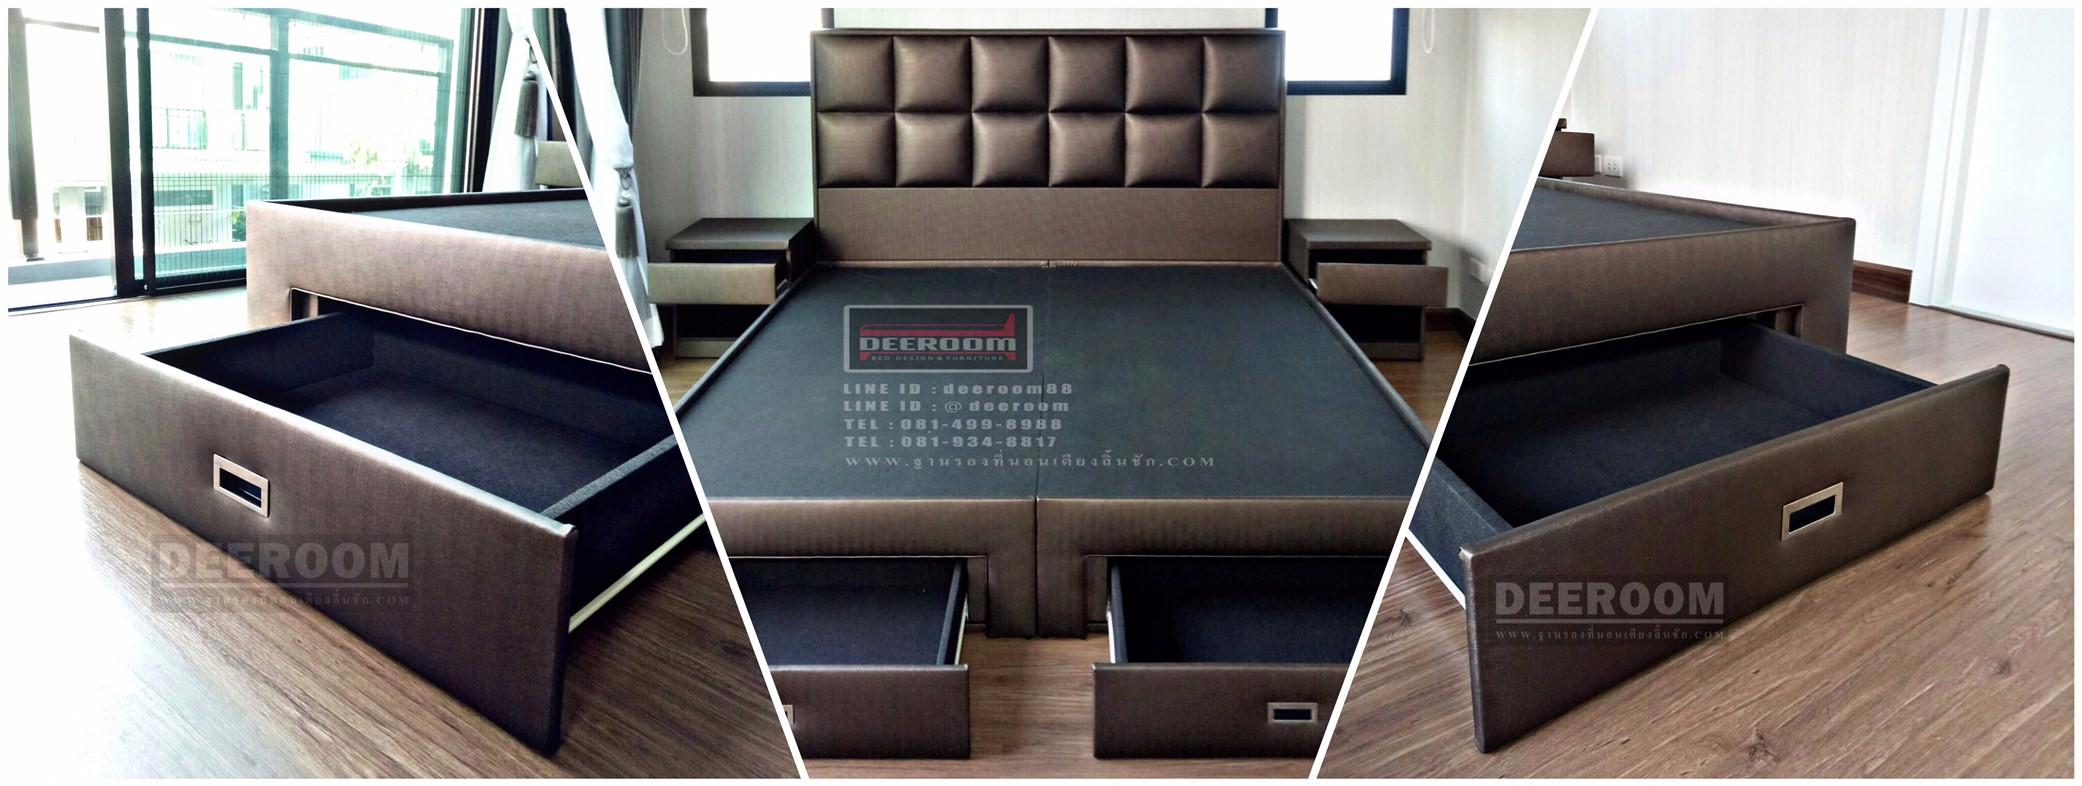 เตียงนอนรุ่น Mosaic design type A พร้อมฐานรองที่นอนแบบมีลิ้นชัก